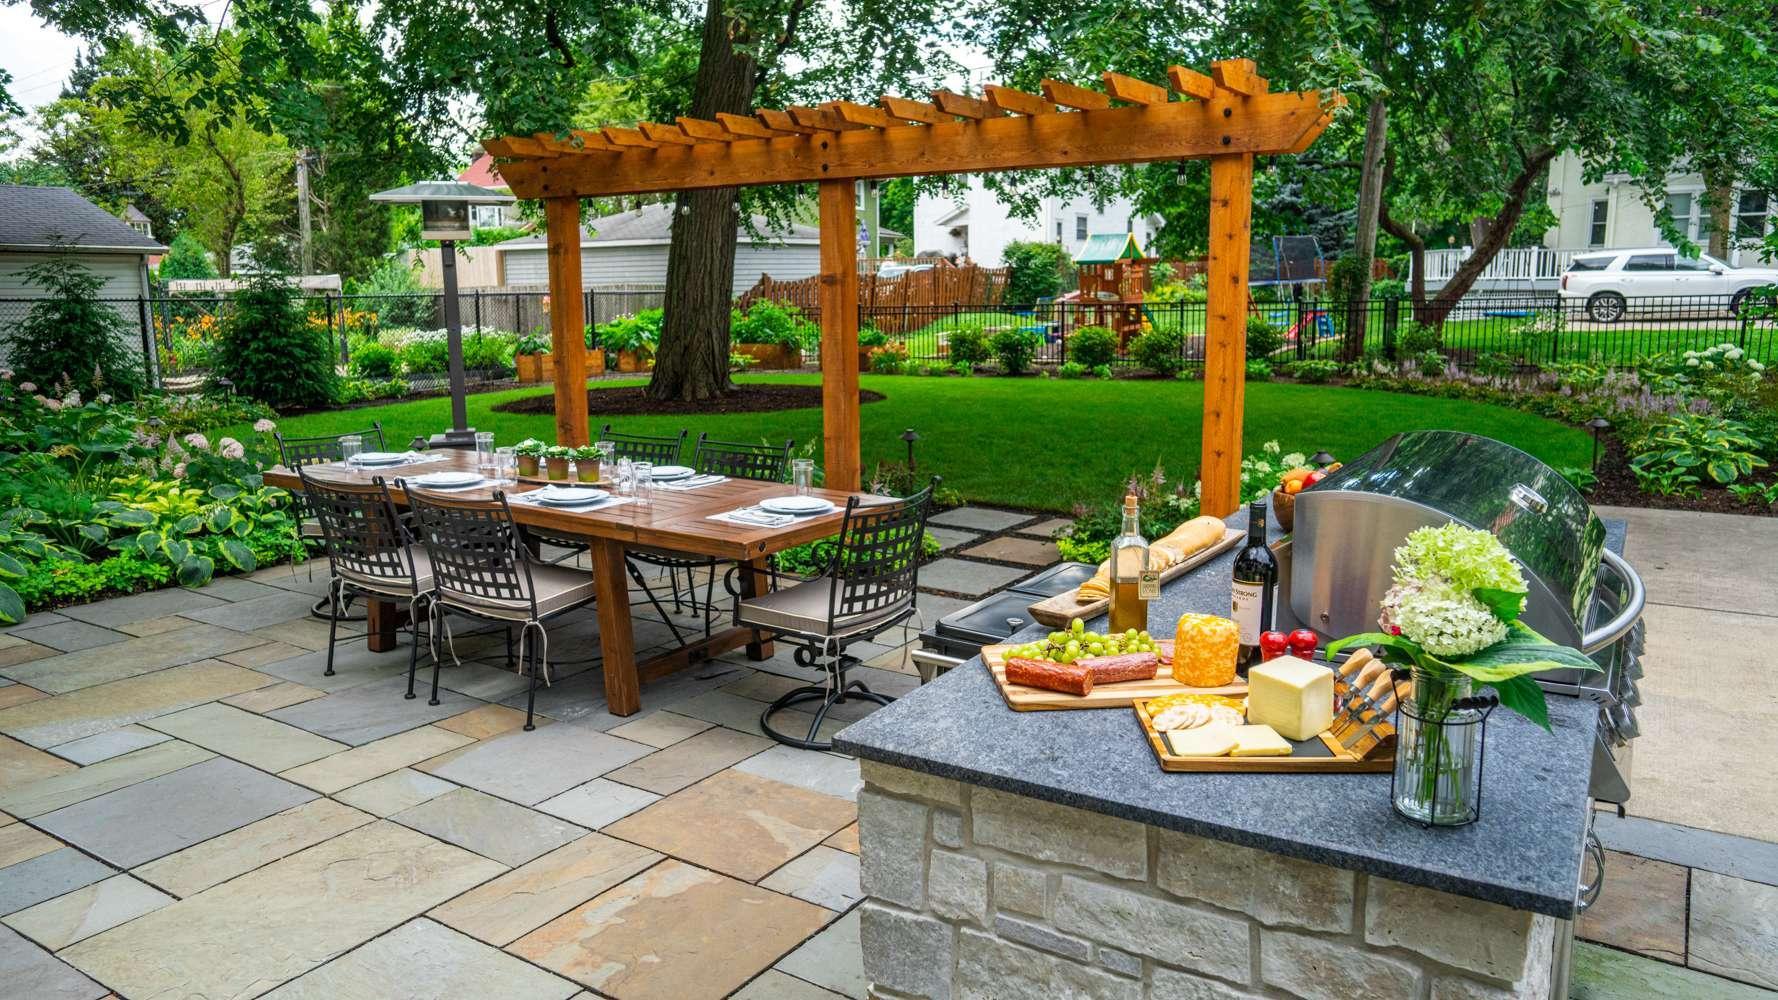 bluestone patio and pergola